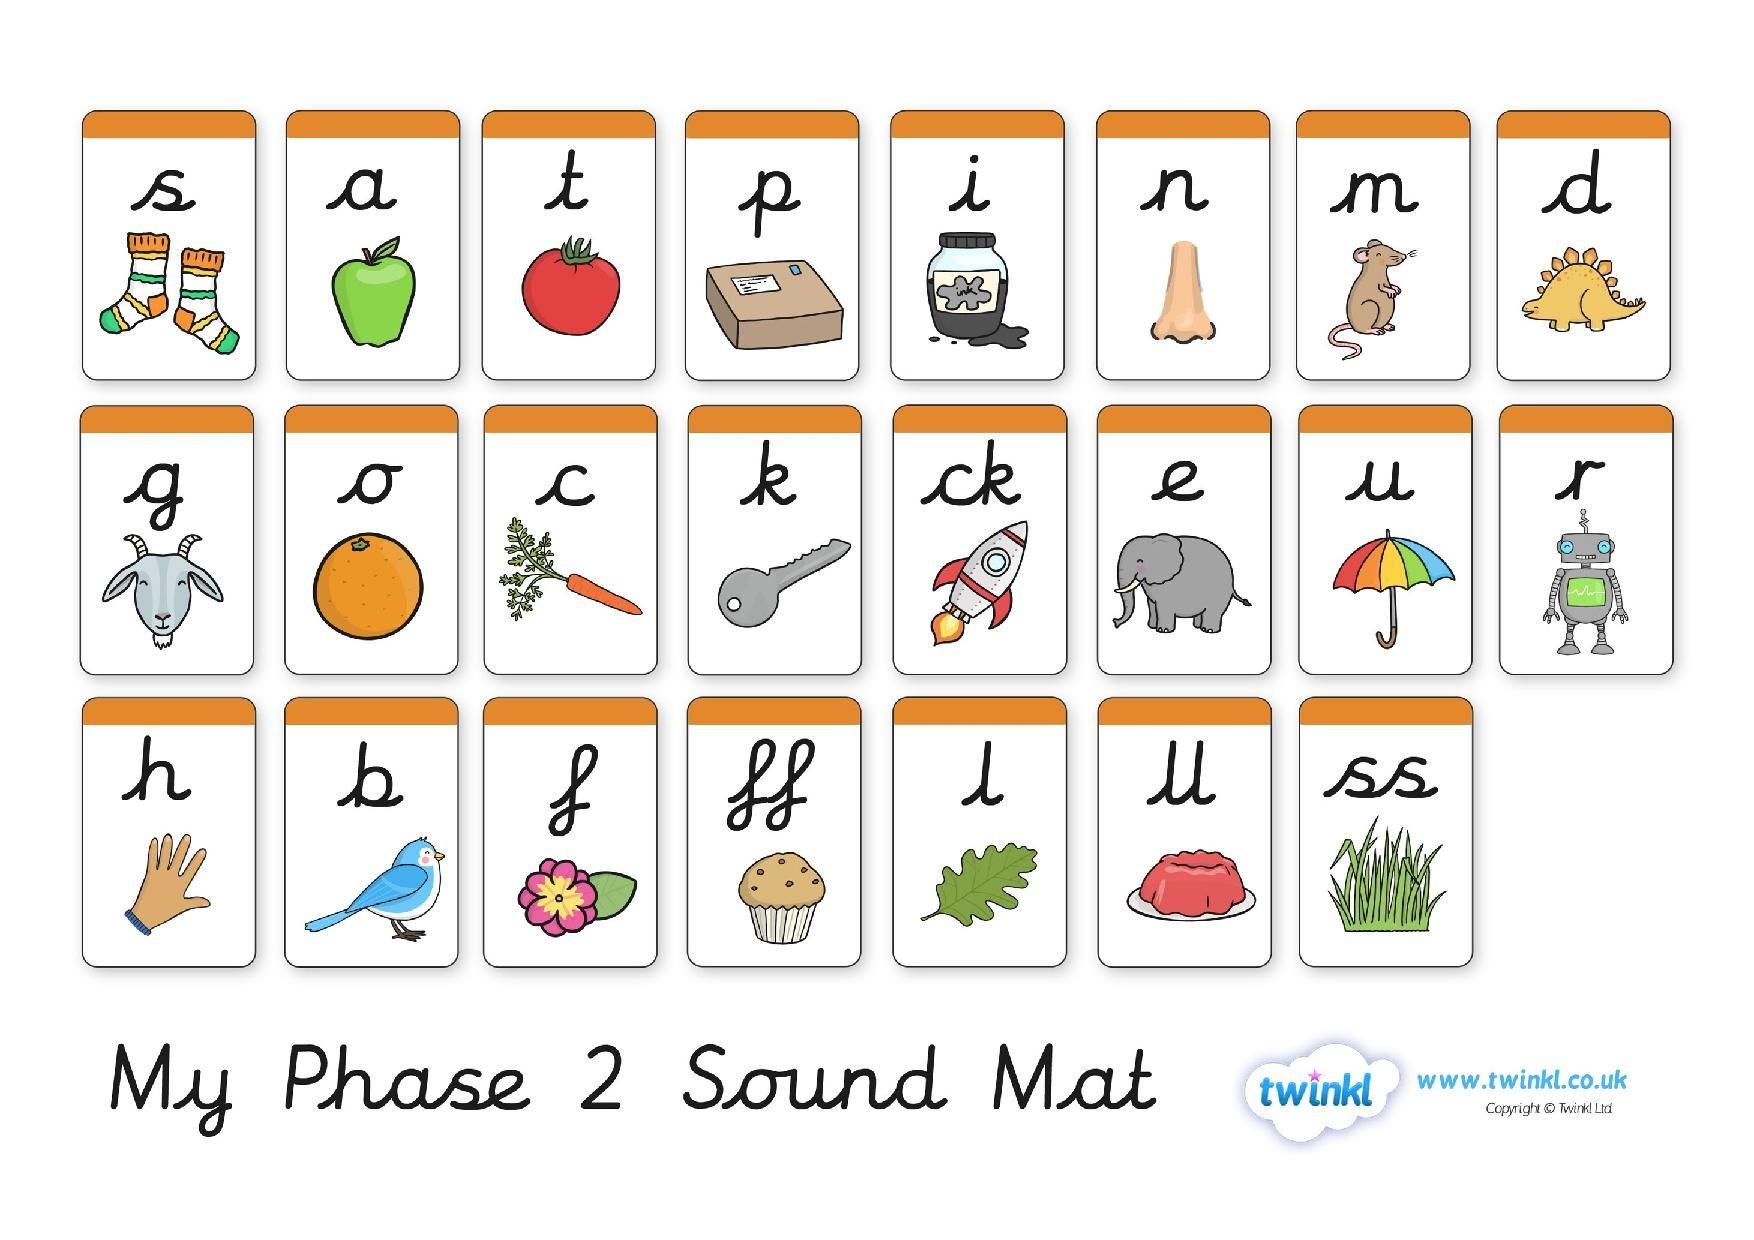 T L 015 Phase 2 Sound Mat C 1 Page 002 Reception Aqua